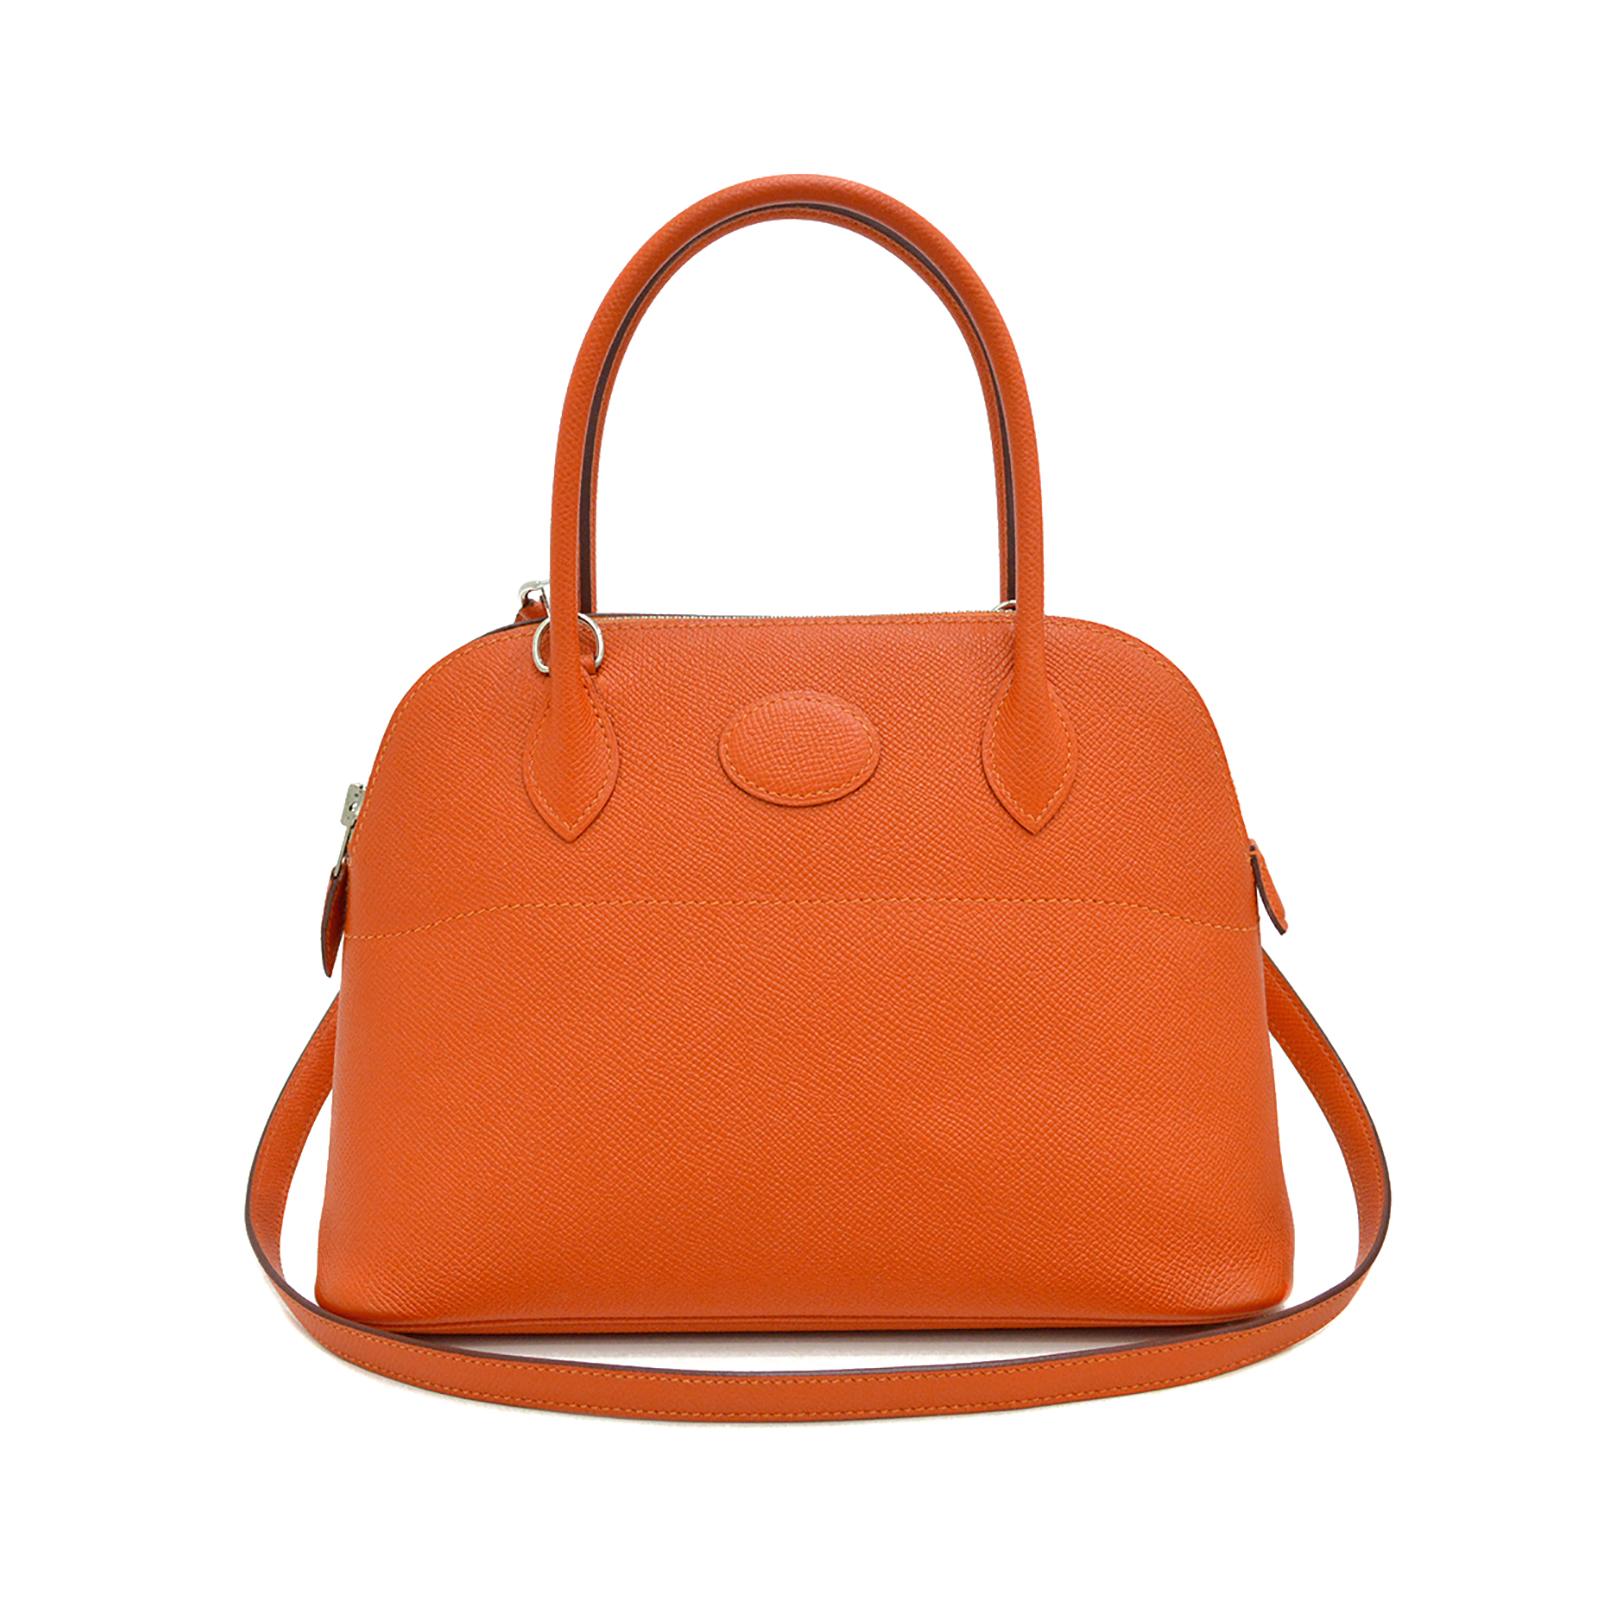 HERMES Feu Orange Bolide 27 Bag HM190152